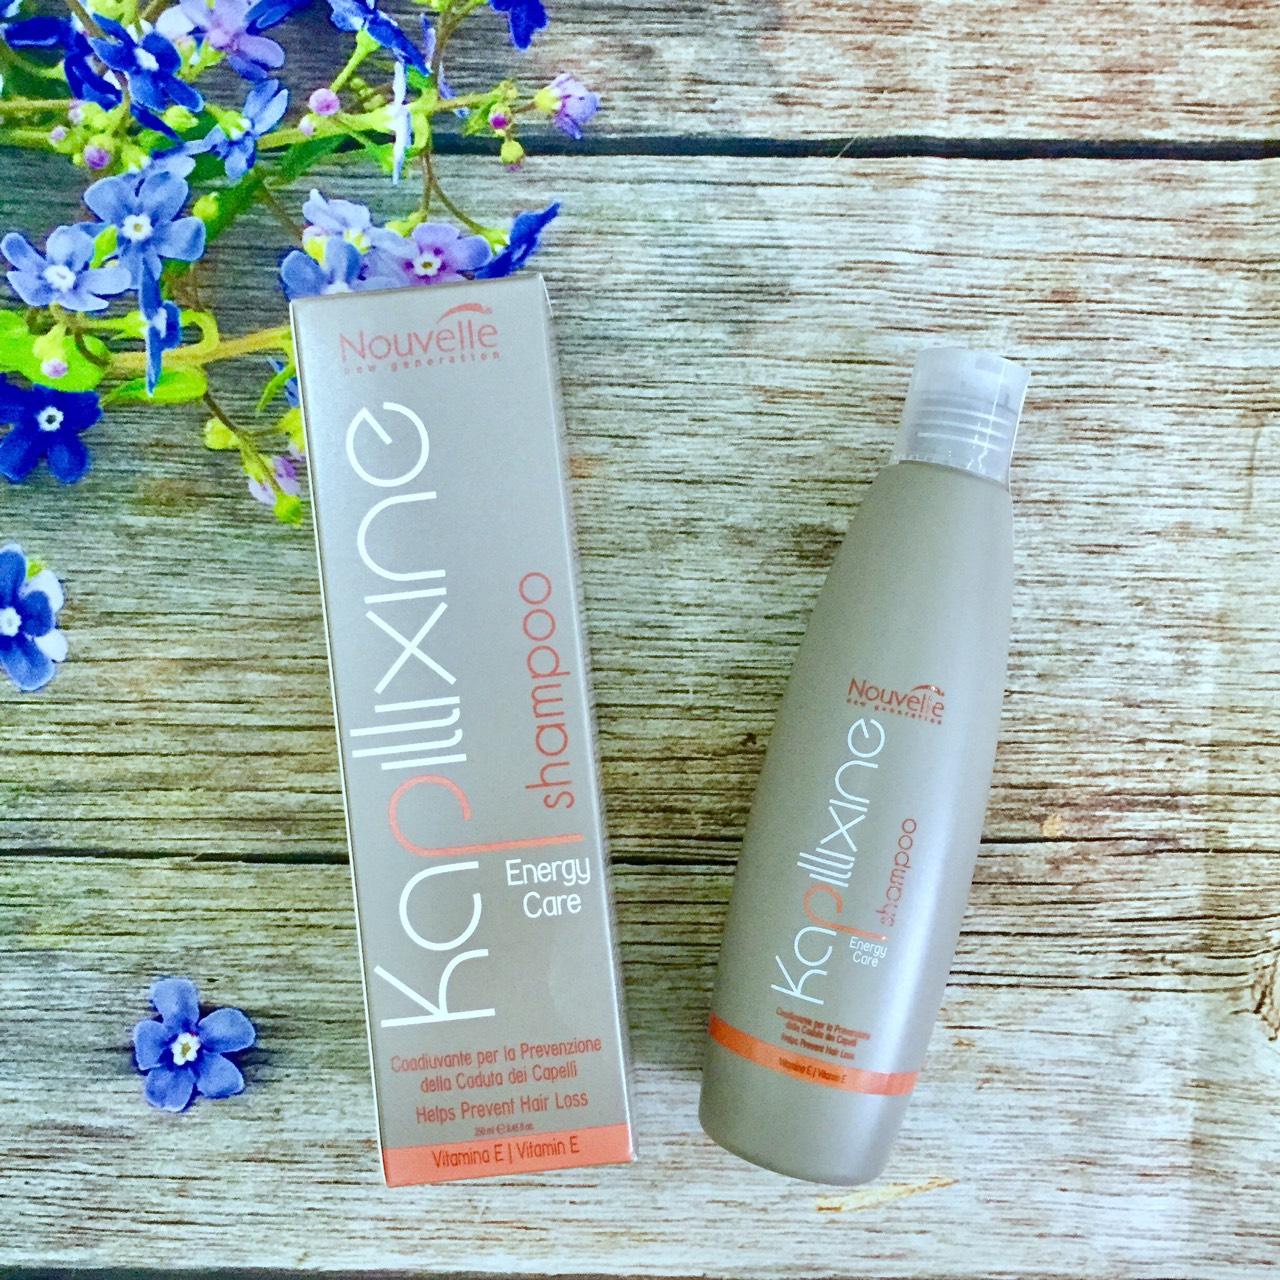 Dầu gội nhân sâm chống rụng tóc Nouvelle new Generation Kapillixine Energy Care Shampoo 250ml